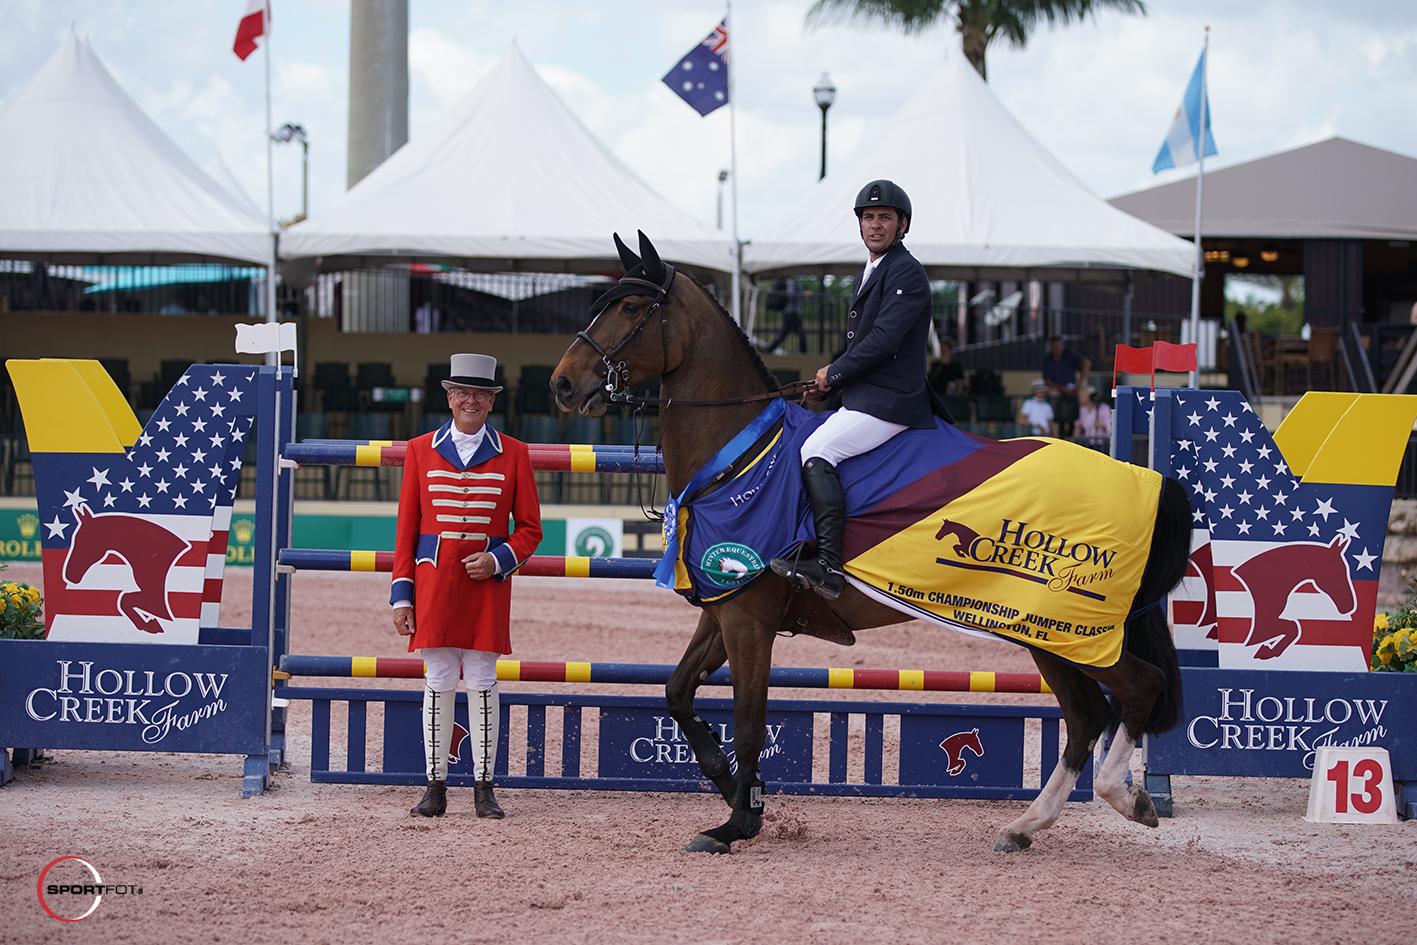 Santiago Lambre and Doloris pres 314_2900 Sportfot